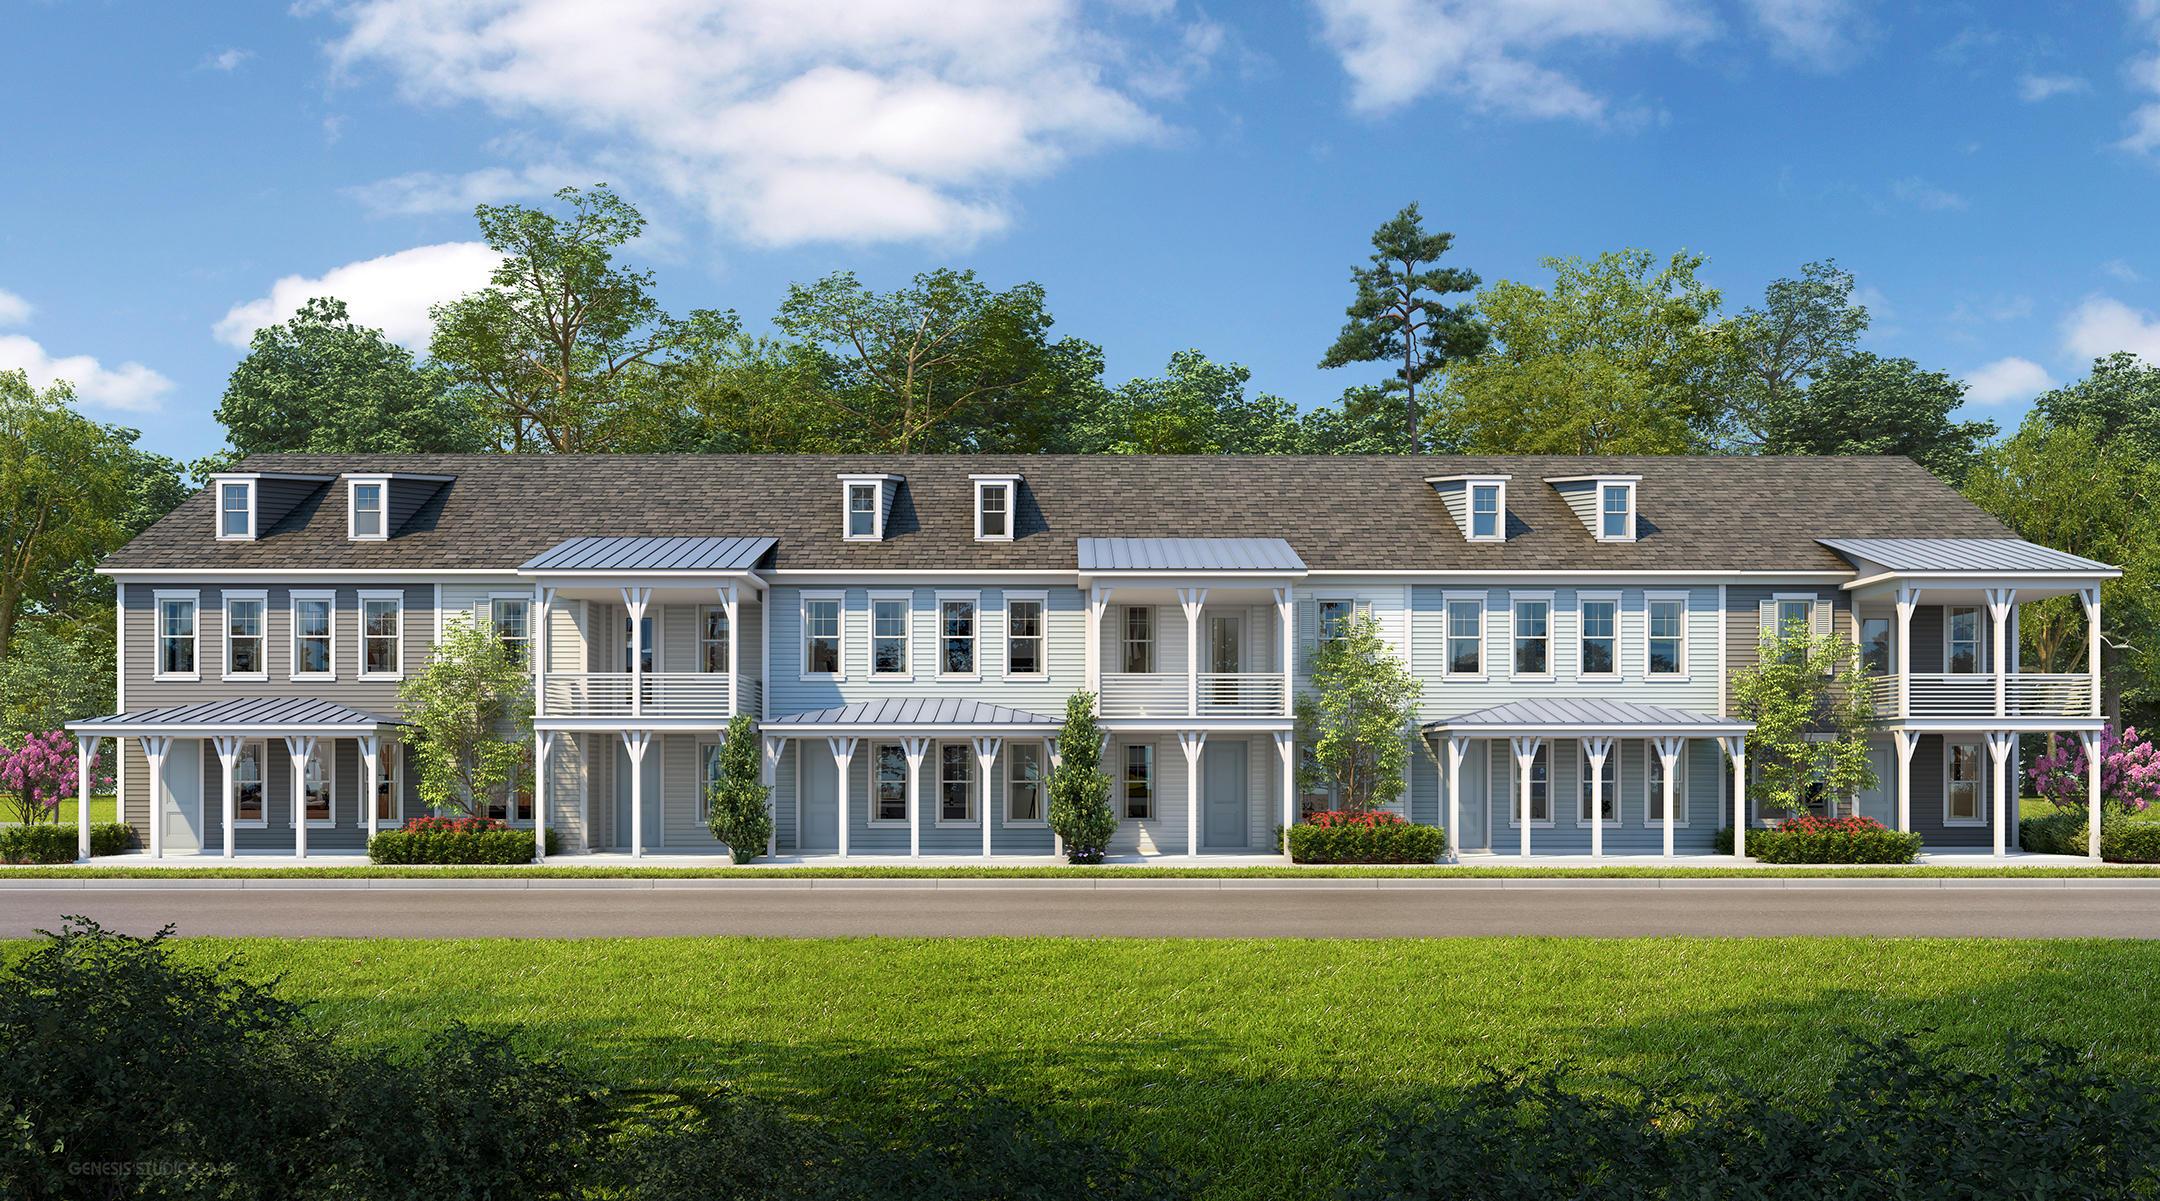 Dunes West Homes For Sale - 3131 Sturbridge, Mount Pleasant, SC - 0